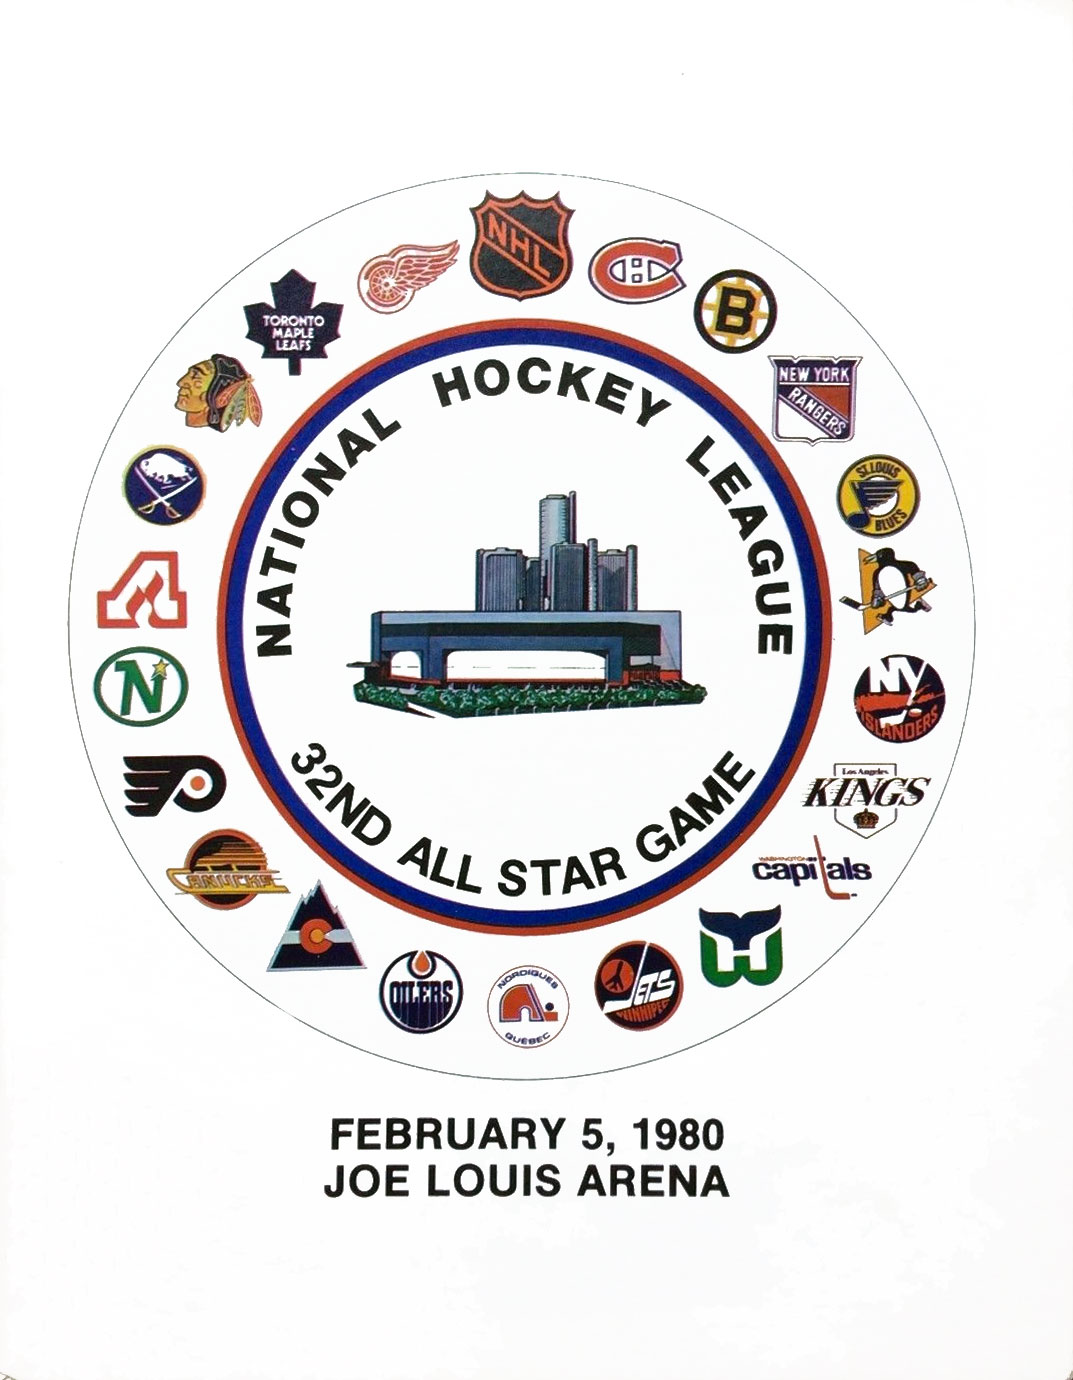 NHL All-Star Game Program Program (1979/80) - 1980 NHL All-Star Game Program - game held in Detroit, MI SportsLogos.Net